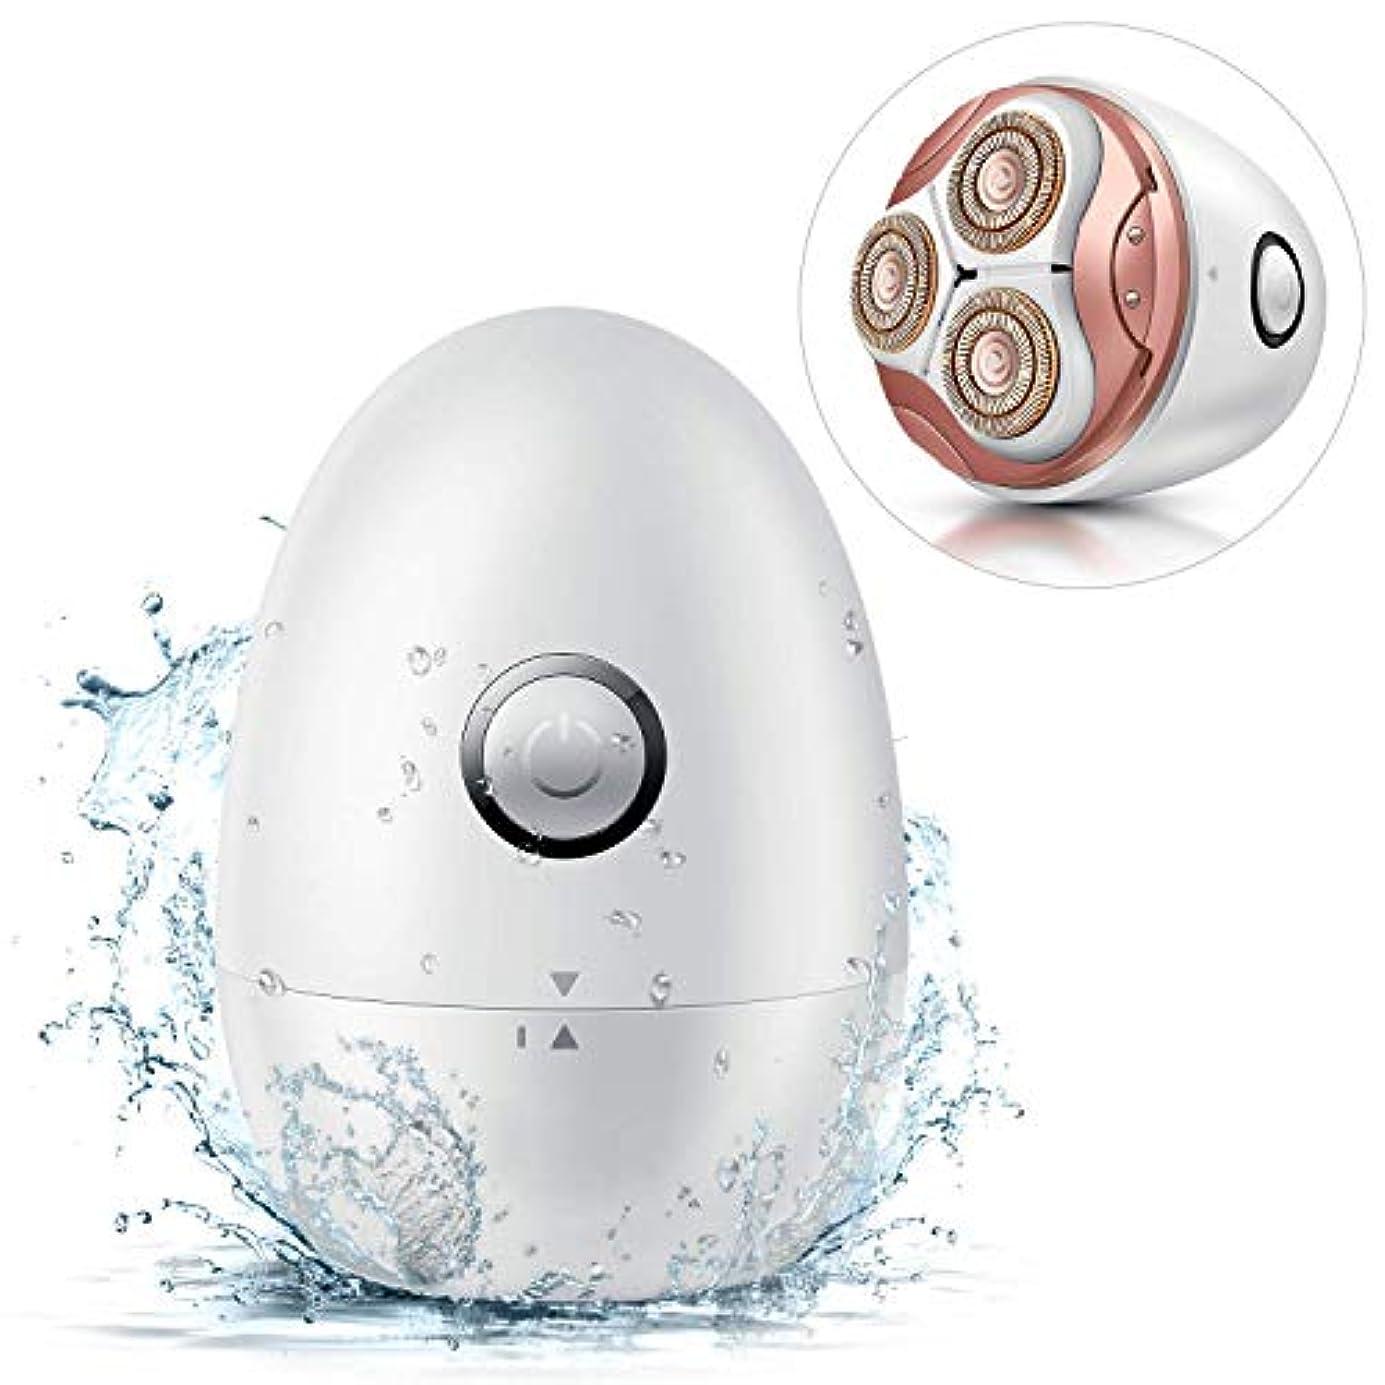 シリーズ地上でチャンバーコードレスの卵形の女性用かみそり、電気かみそりの防水フェイシャルリムーバー(3つのフローティングヘッド付き)、USBに光充電、白